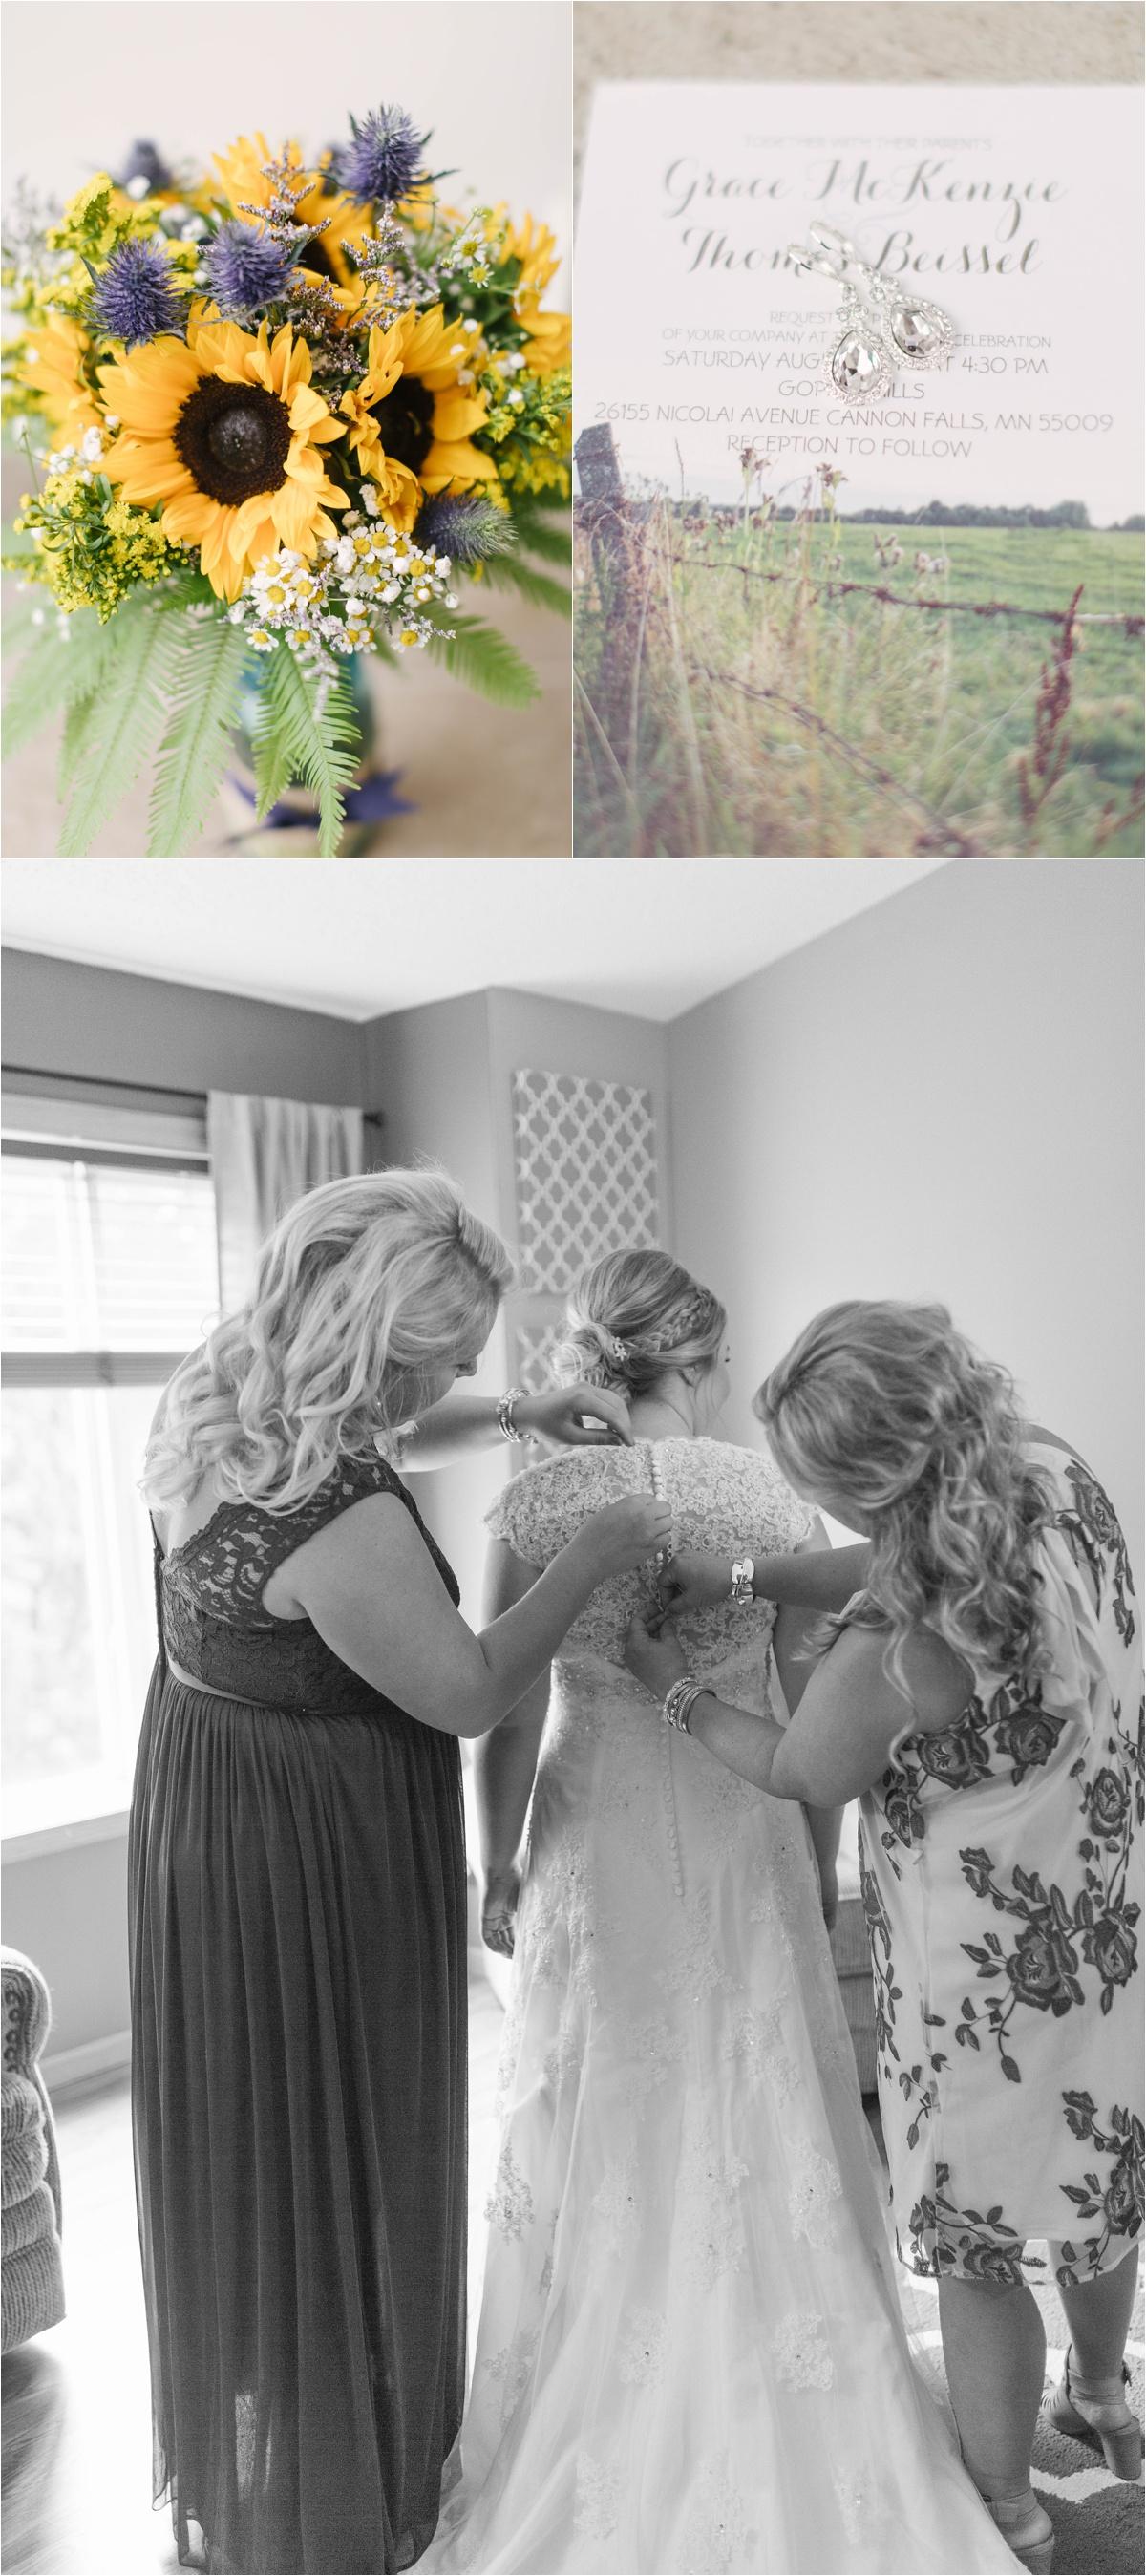 Stephanie Lynn Photography- Biessel Wedding, country charm, golf course wedding- Canon Falls, MN_0035.jpg